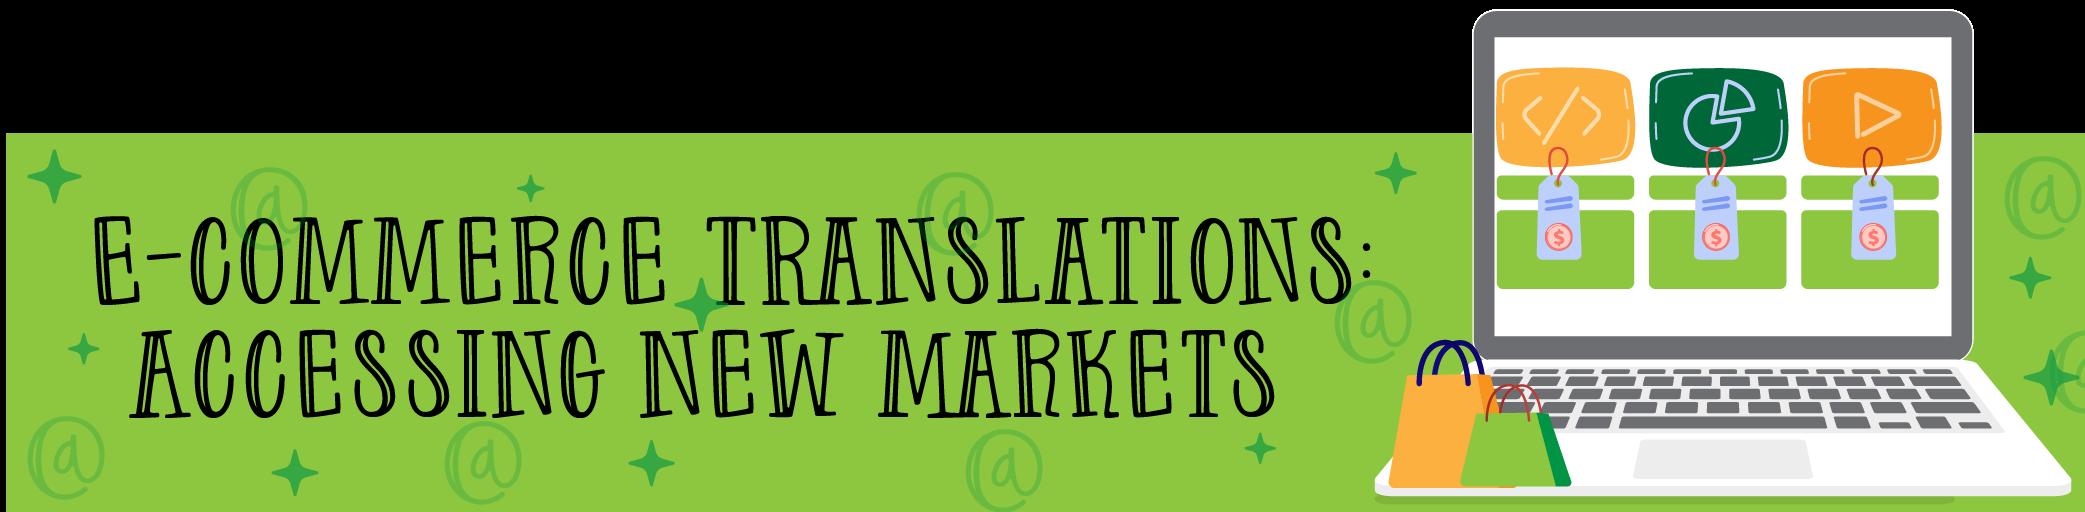 ecommerce translations